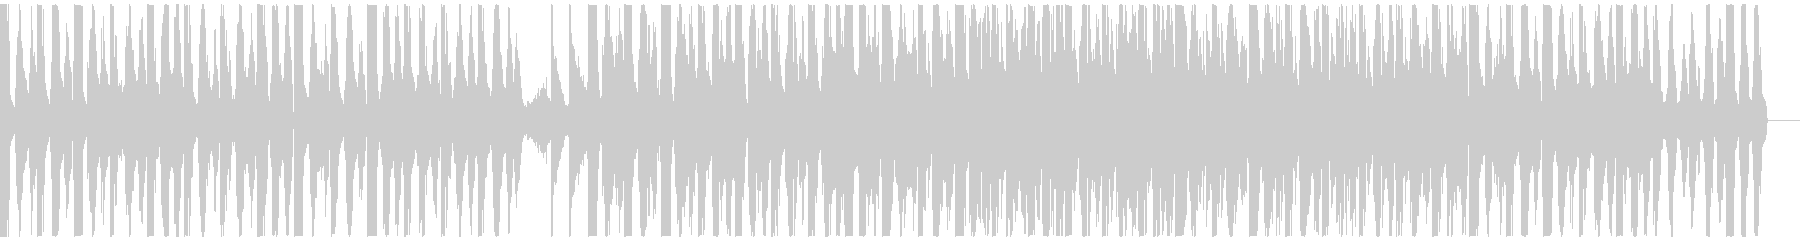 ダーク、インダストリアルなエレクトロビーの未再生の波形